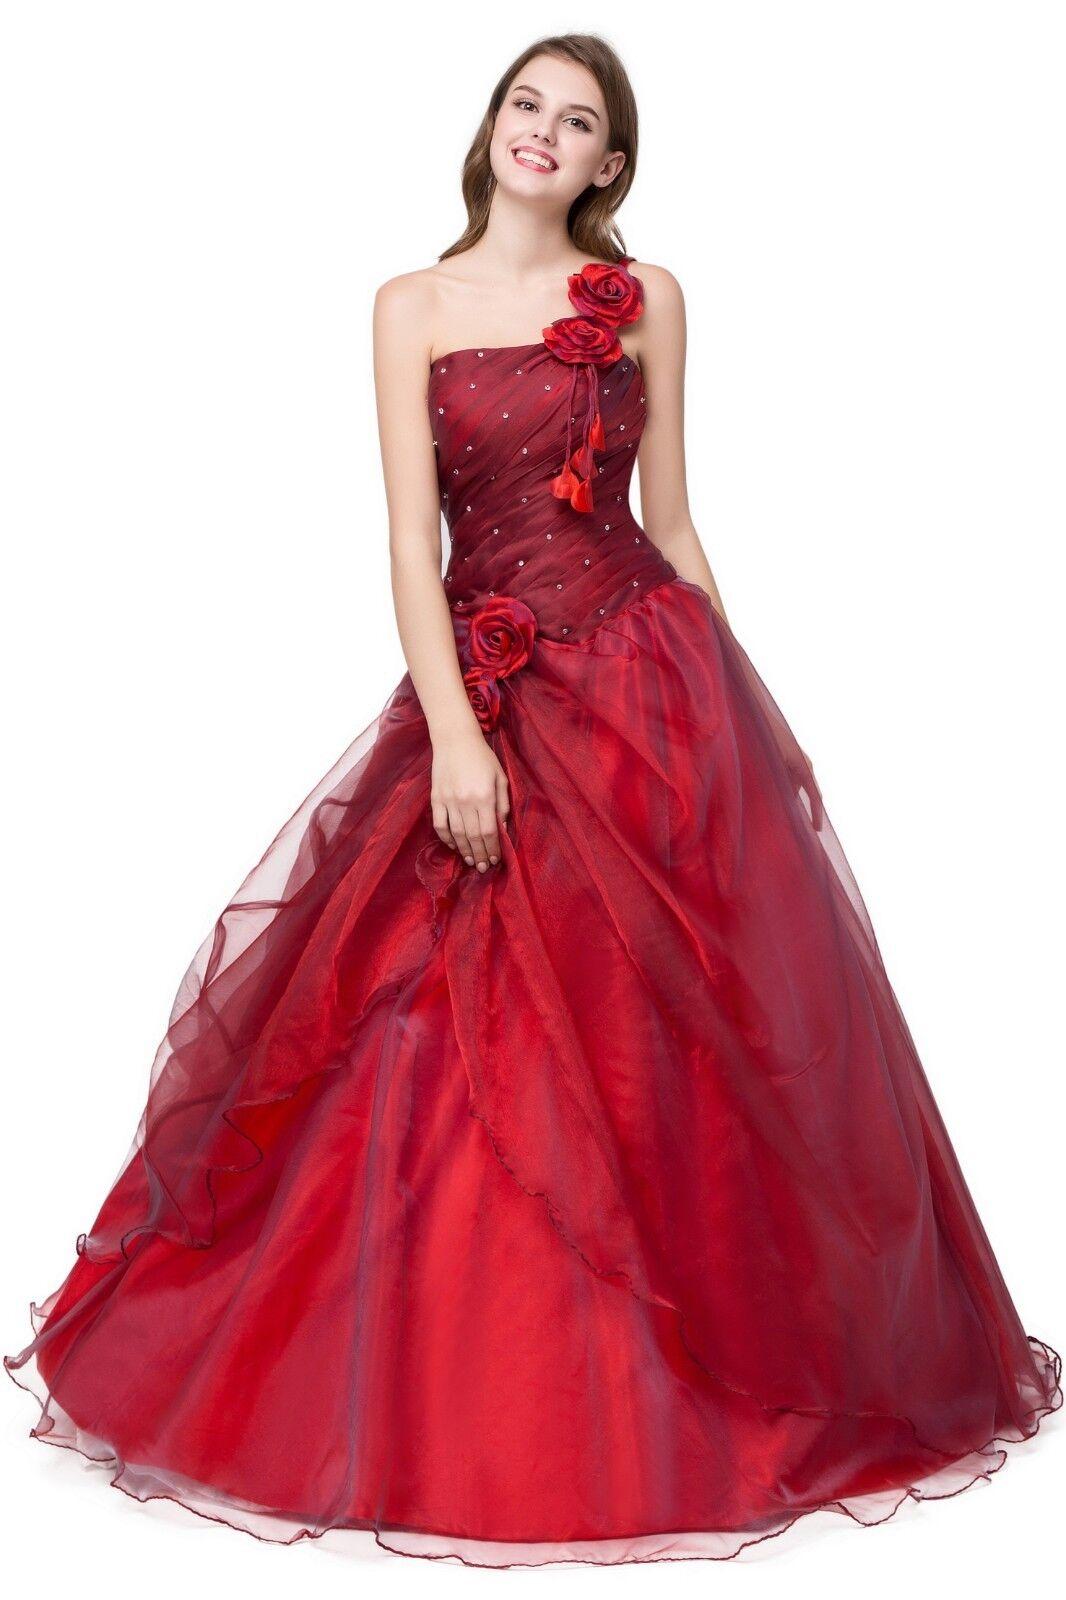 Abendkleid Ballkleid ROT 1-Shoulder Brautjungfernkleid Party Kleid sofort M6 38